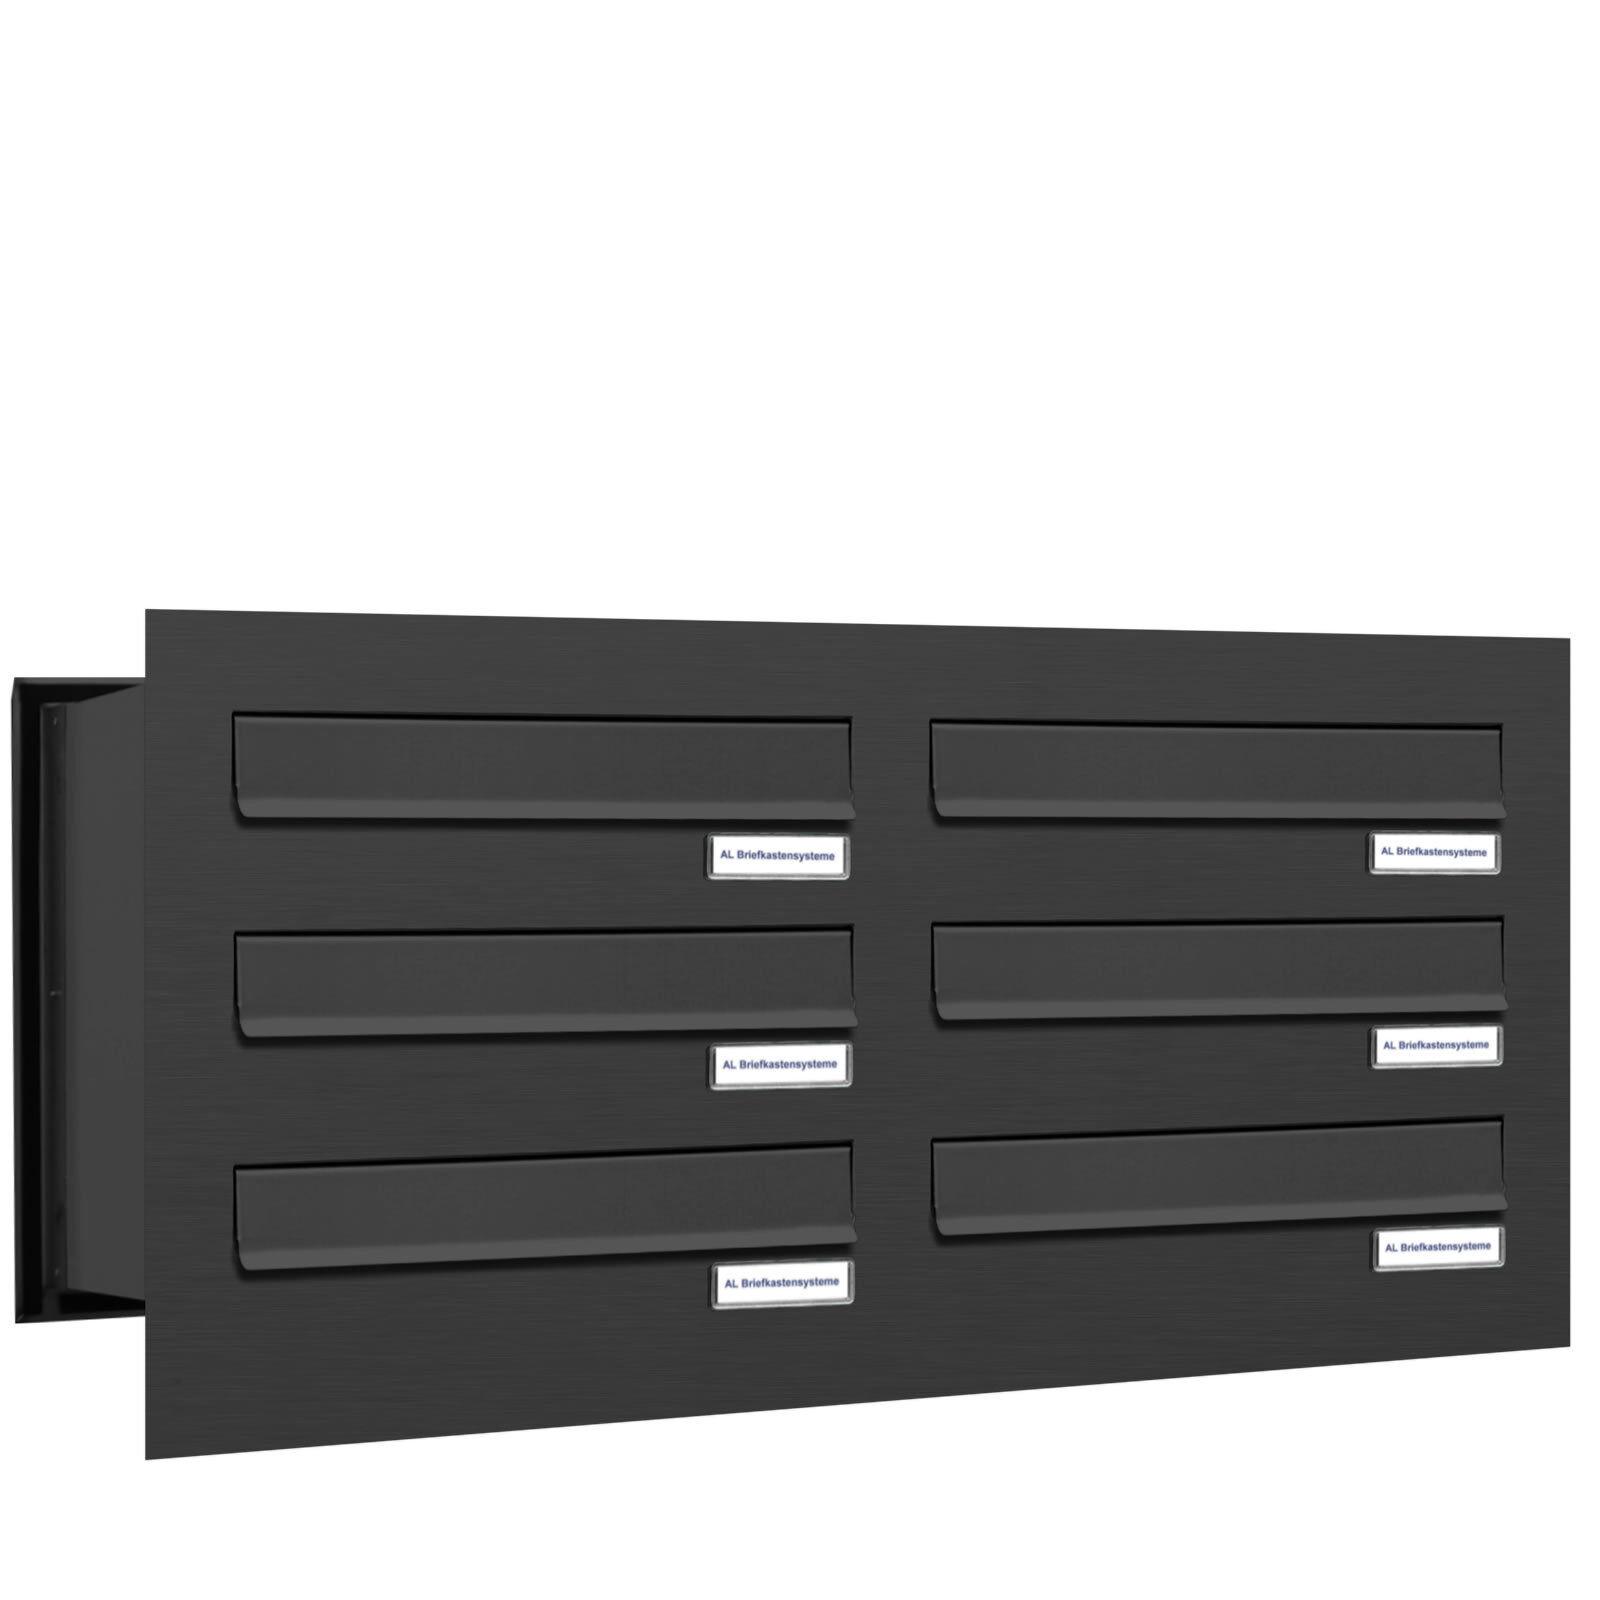 6 er Premium Mauer Durchwurf Briefkasten Postkasten RAL 7016 anthrazit A4 2x3